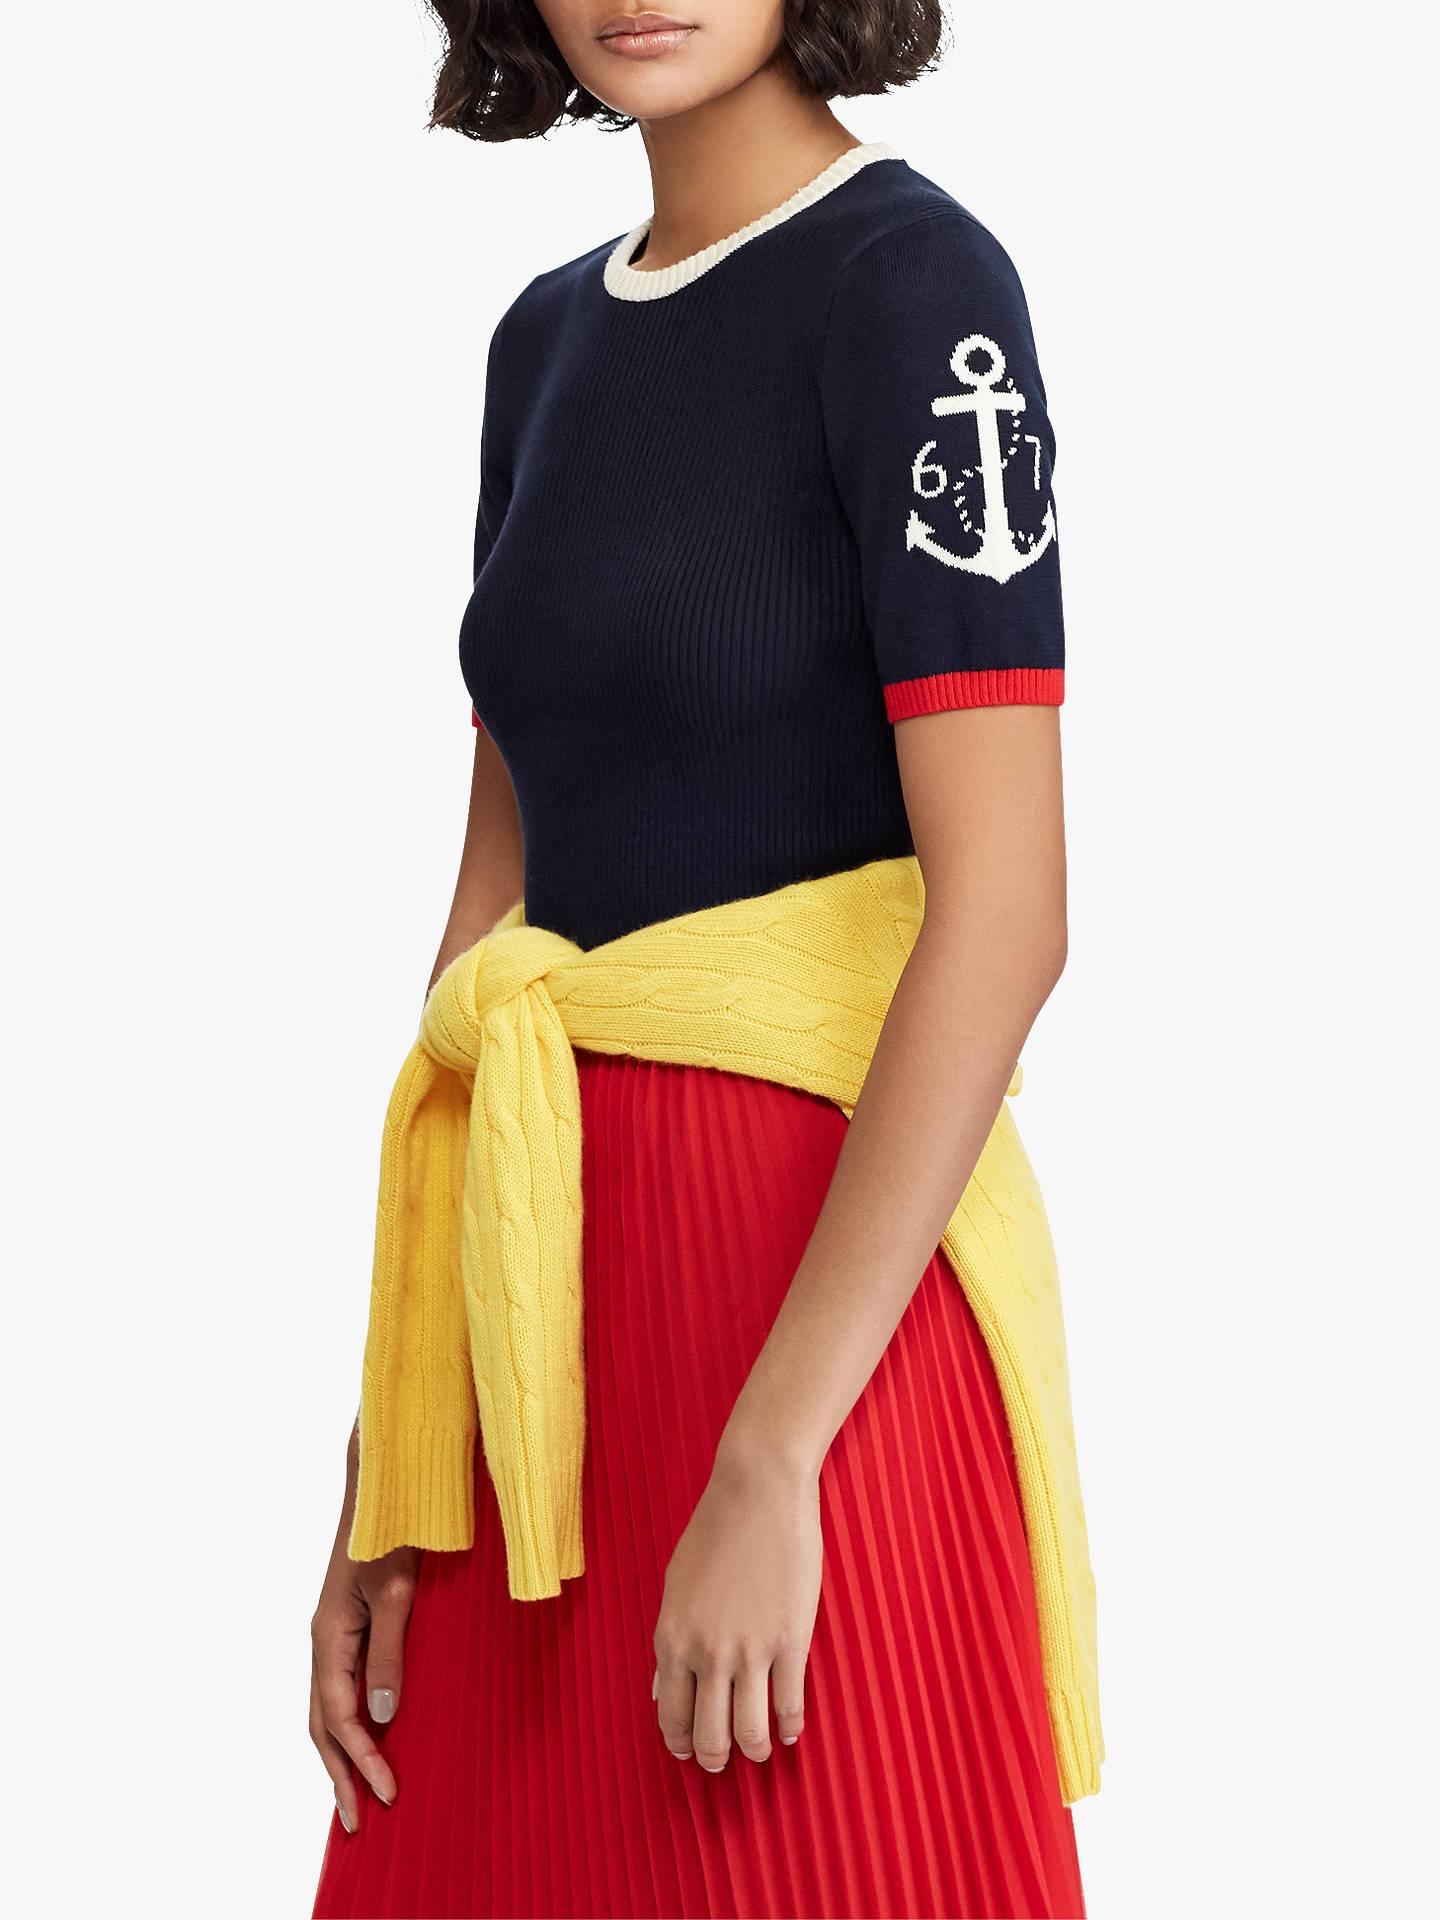 ecfdafb772bab Buy Polo Ralph Lauren Anchor Short Sleeve Sweatshirt